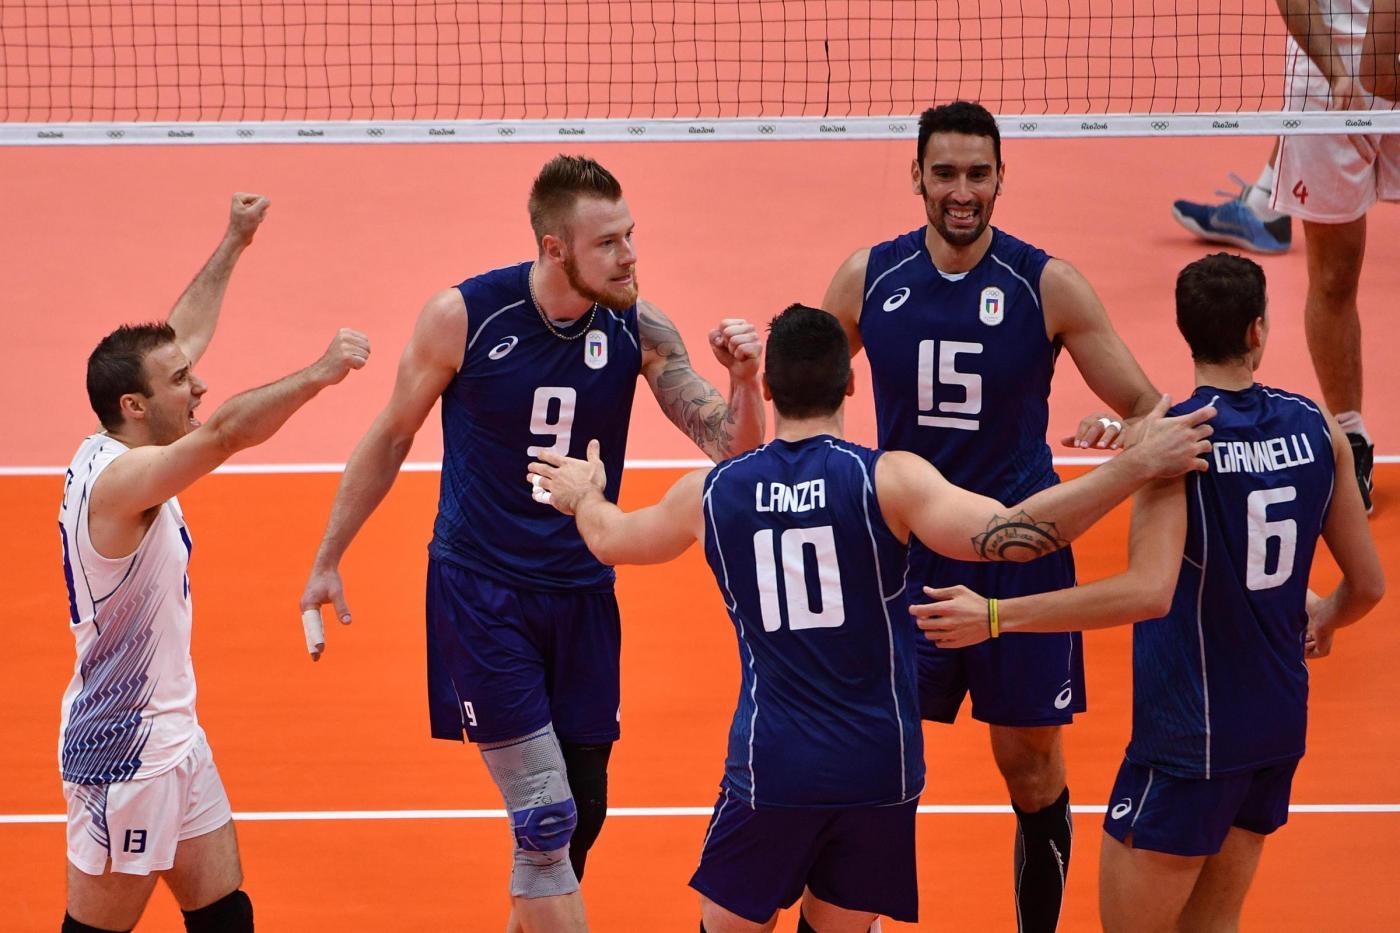 Rio 2016, volley maschile: Italia Iran nei quarti di finale